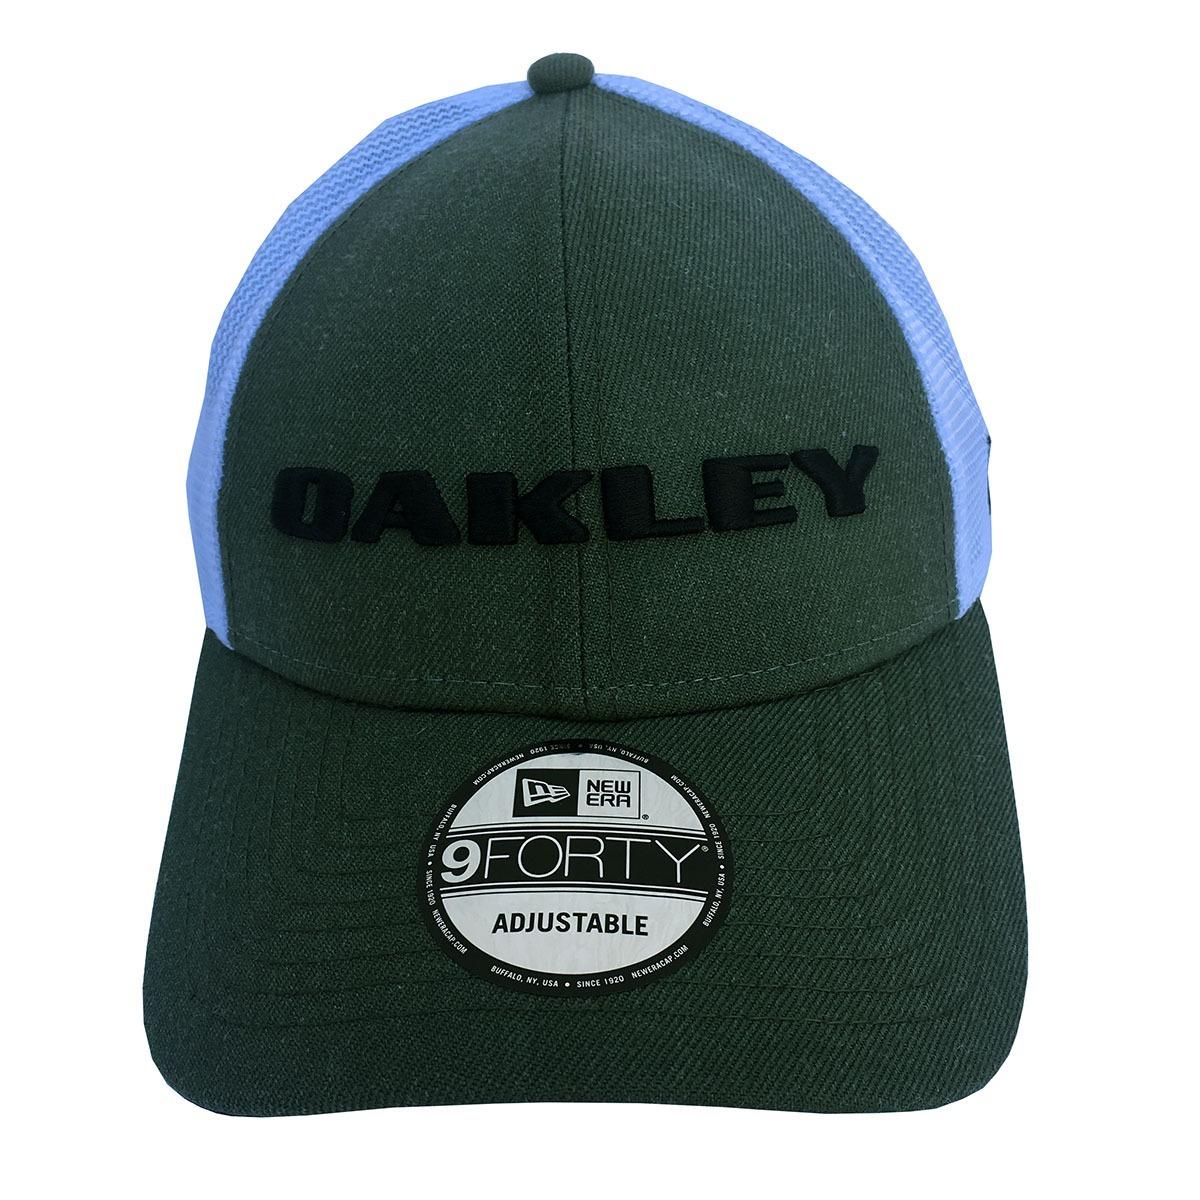 Boné Oakley Heather New Era Hat Original (911523-86v) - R  153 2a392f8e618